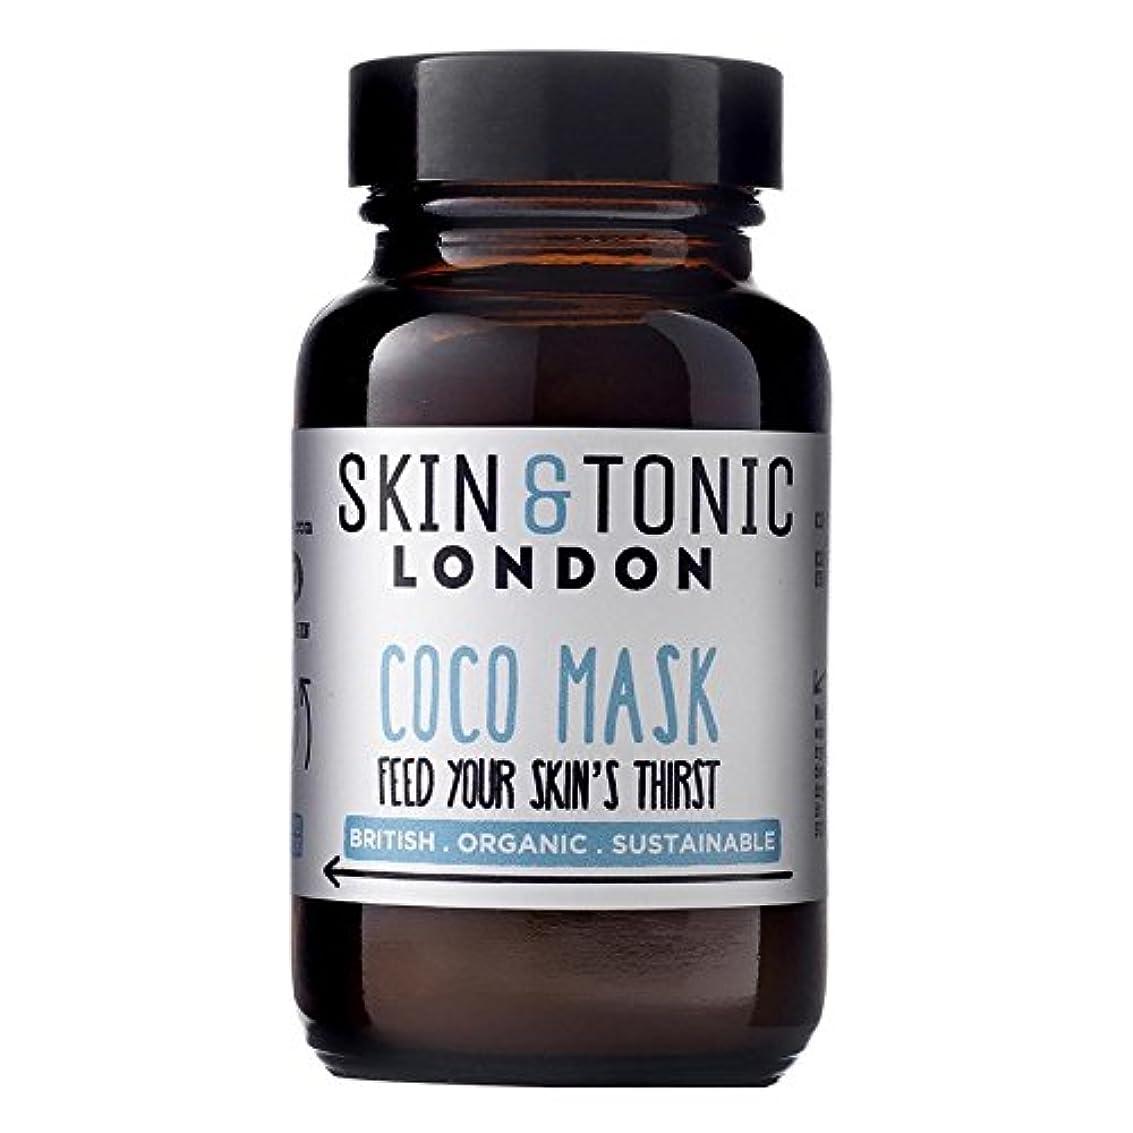 信じられない飼い慣らす恥ずかしさSkin & Tonic London Coco Mask 50g (Pack of 6) - スキン&トニックロンドンココマスク50グラム x6 [並行輸入品]